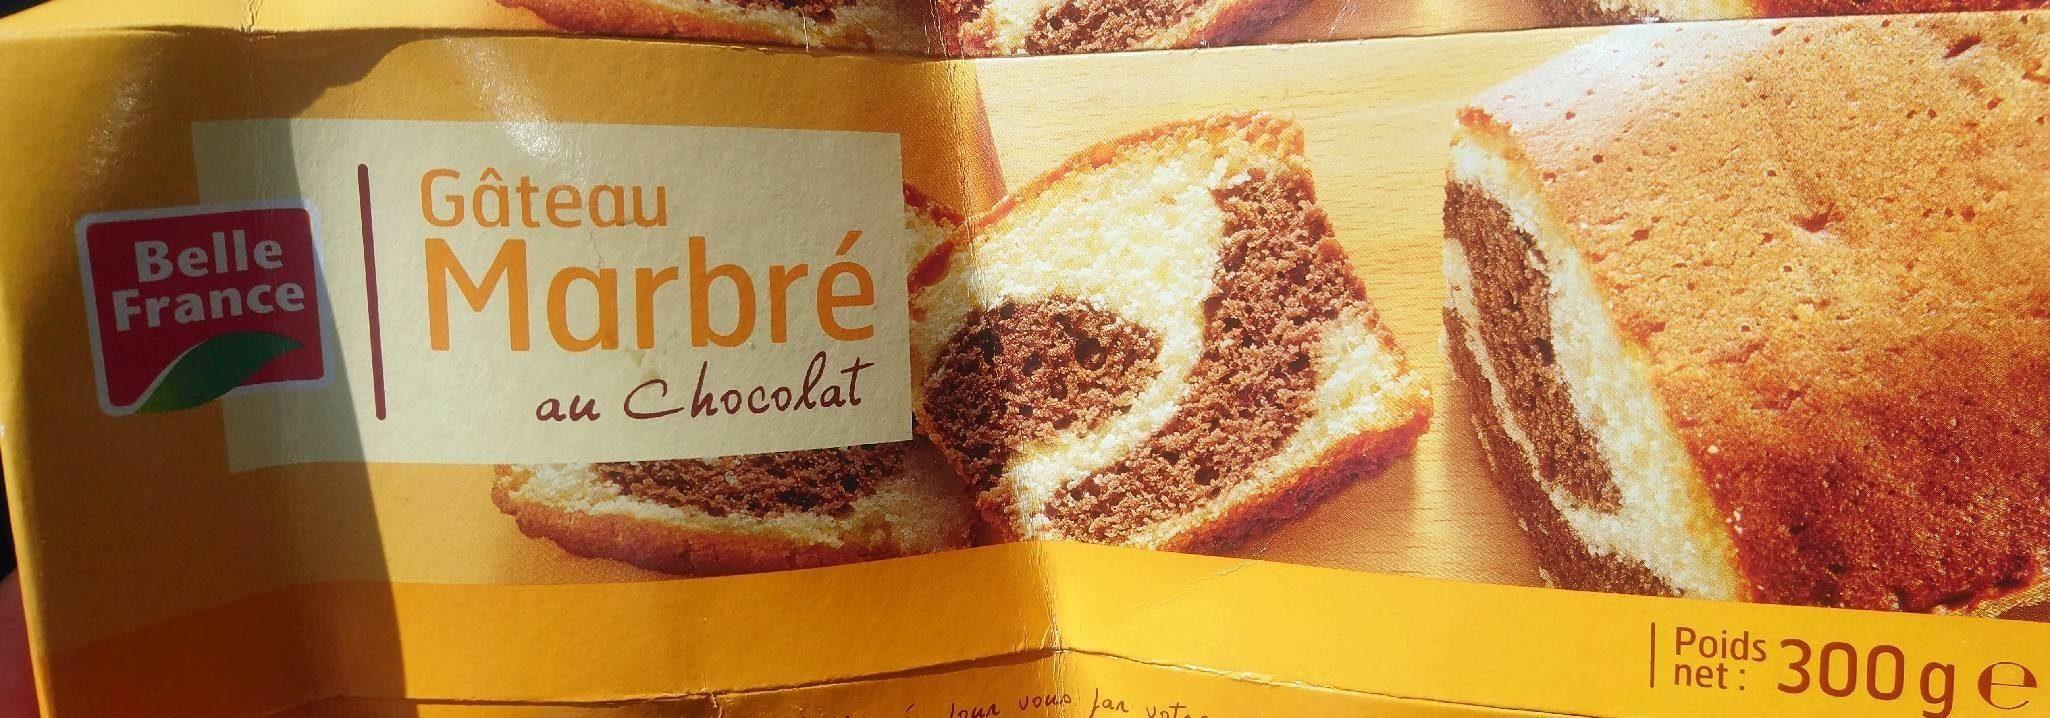 Gâteau Marbré au Chocolat - Produit - fr